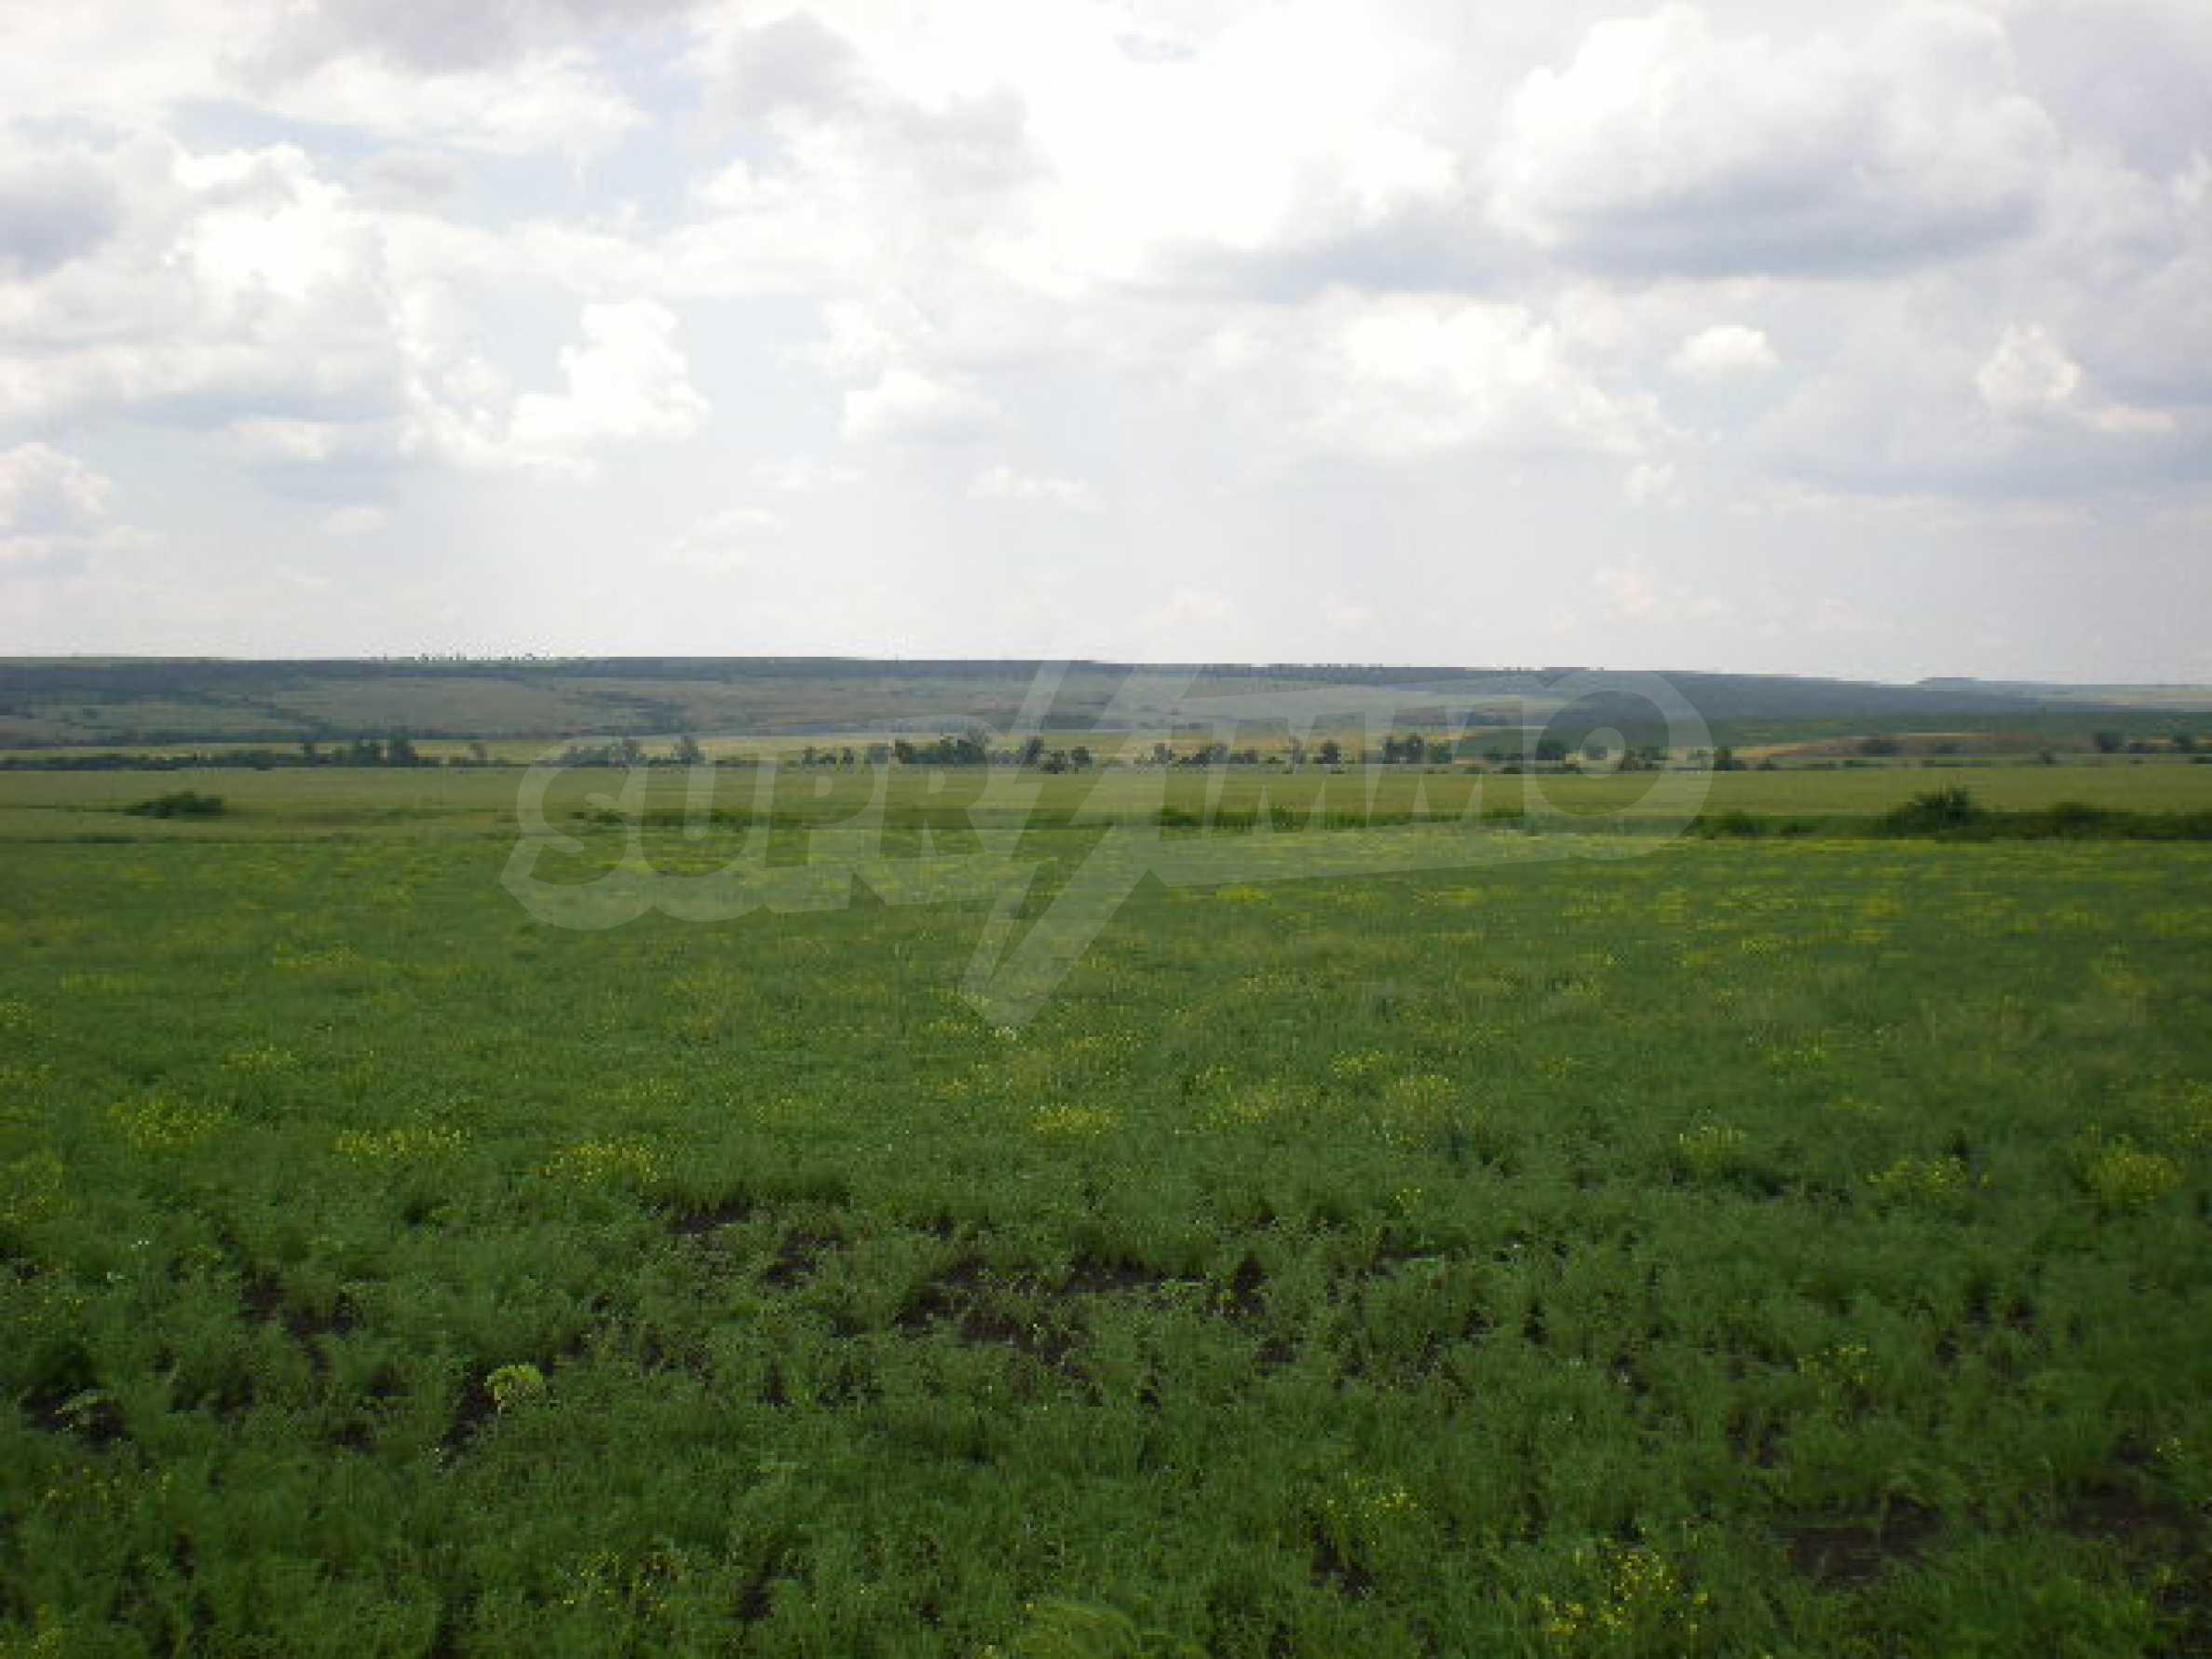 Огромный участок сельскохозяйственной земли недалеко от магистрали 2